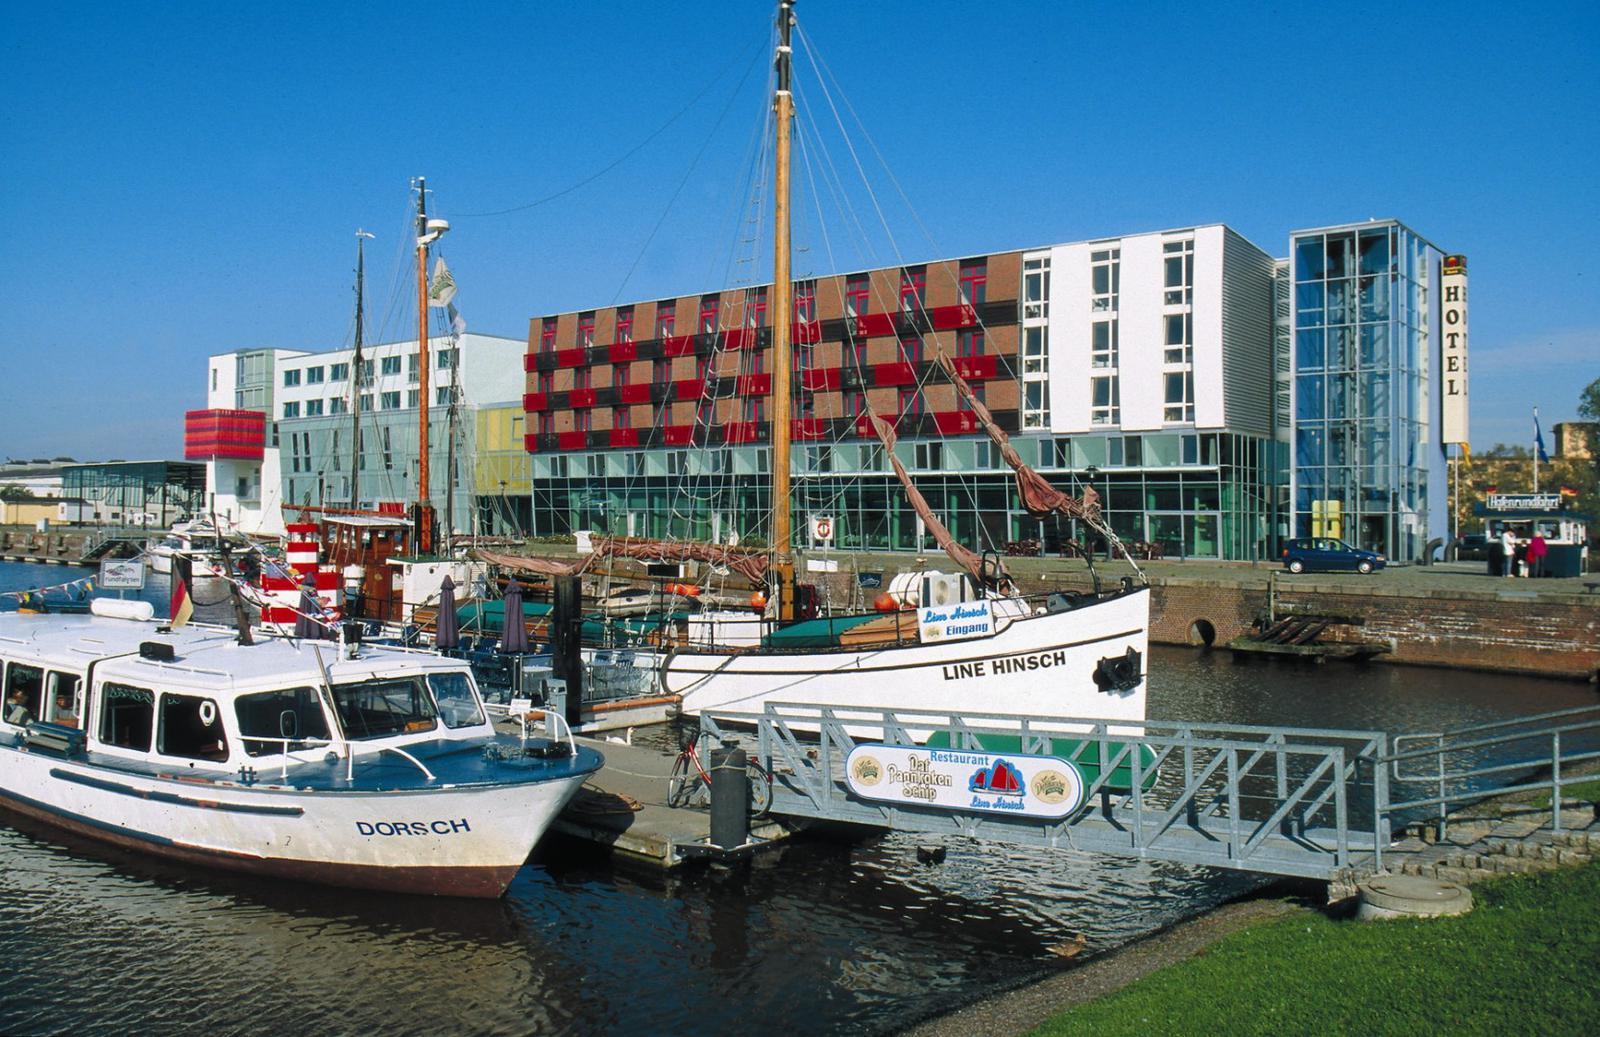 Hotel Comfort Bremerhaven